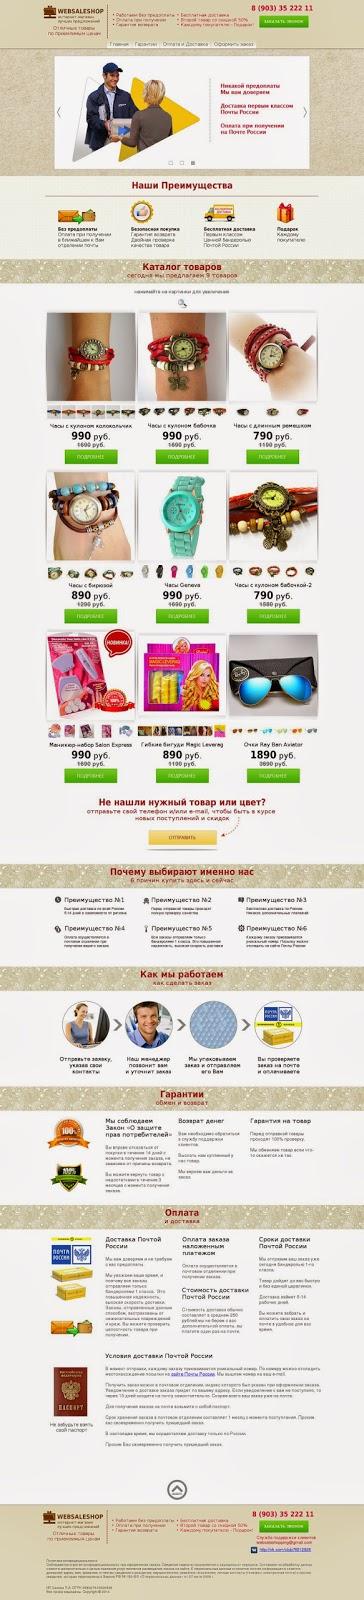 Интернет-магазин websaleshop.ru Интернет-магазин в формате мега-лэндинг - главная страница представляет собой лэндинг пейдж, на которой каждый товар представлен отдельной продающей страницей смотреть сайт - http://websaleshop.ru/